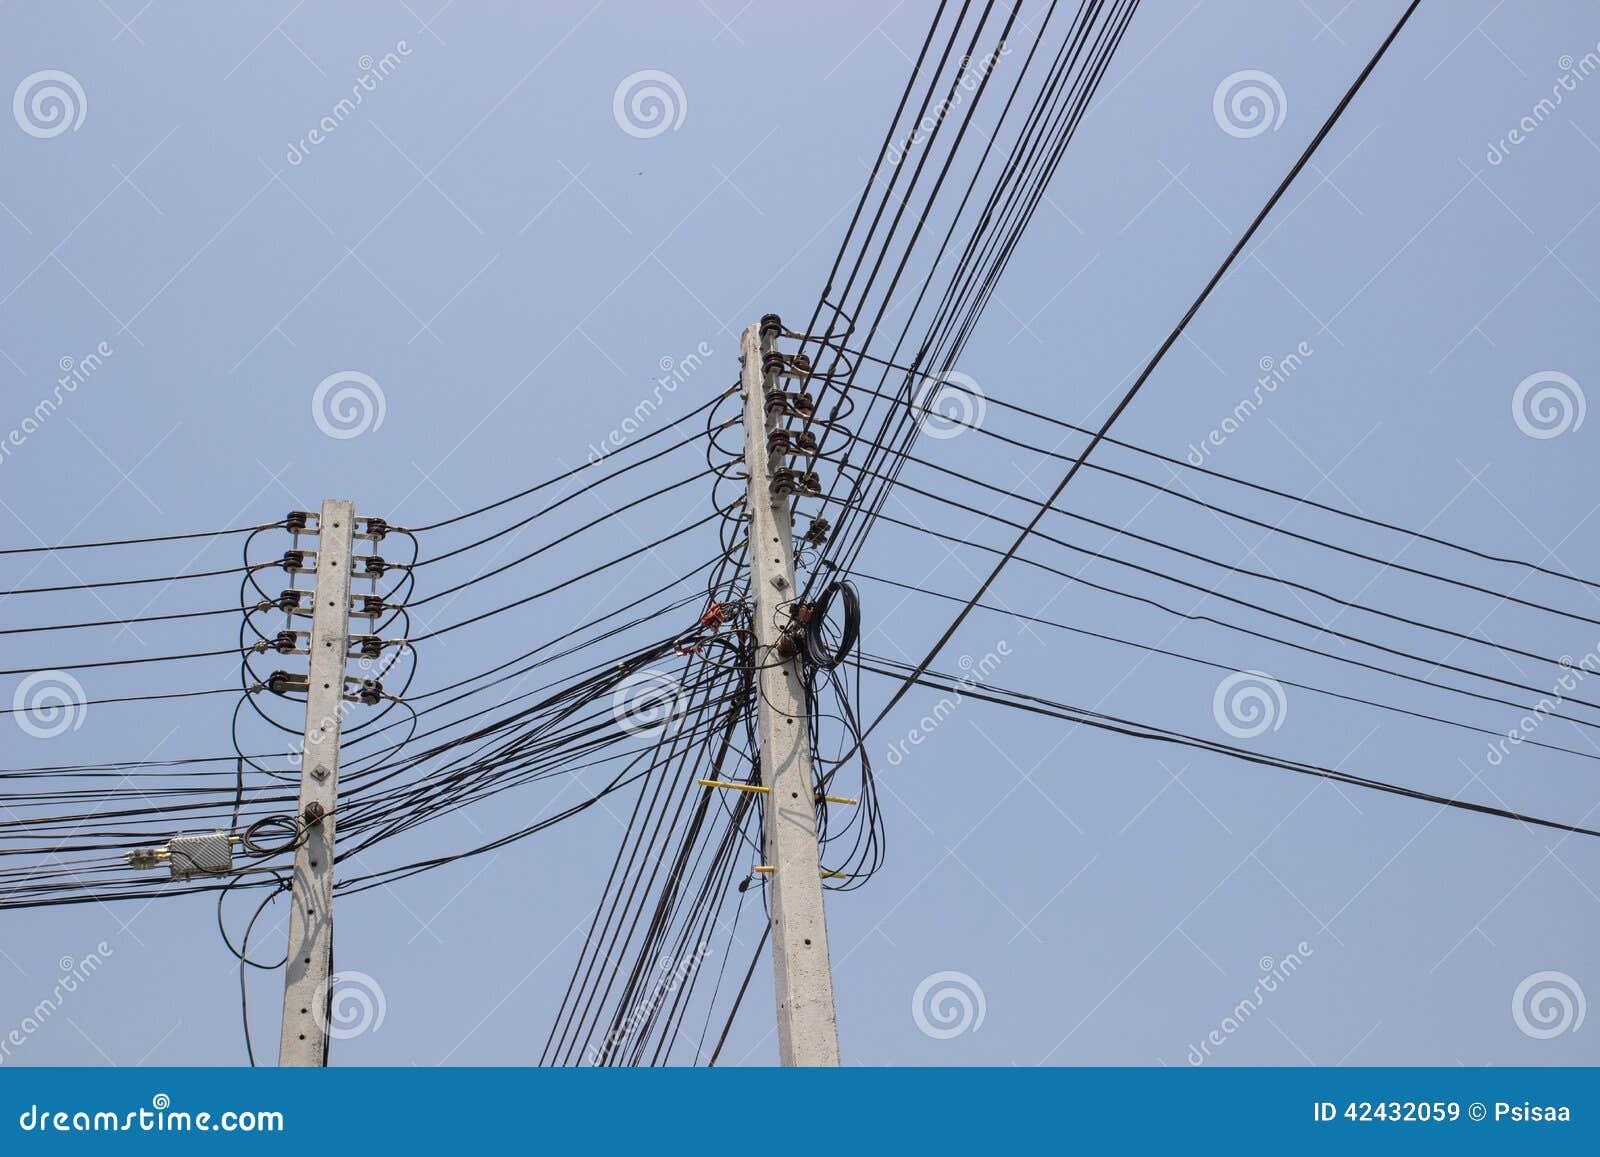 Posts de alto voltaje de la electricidad